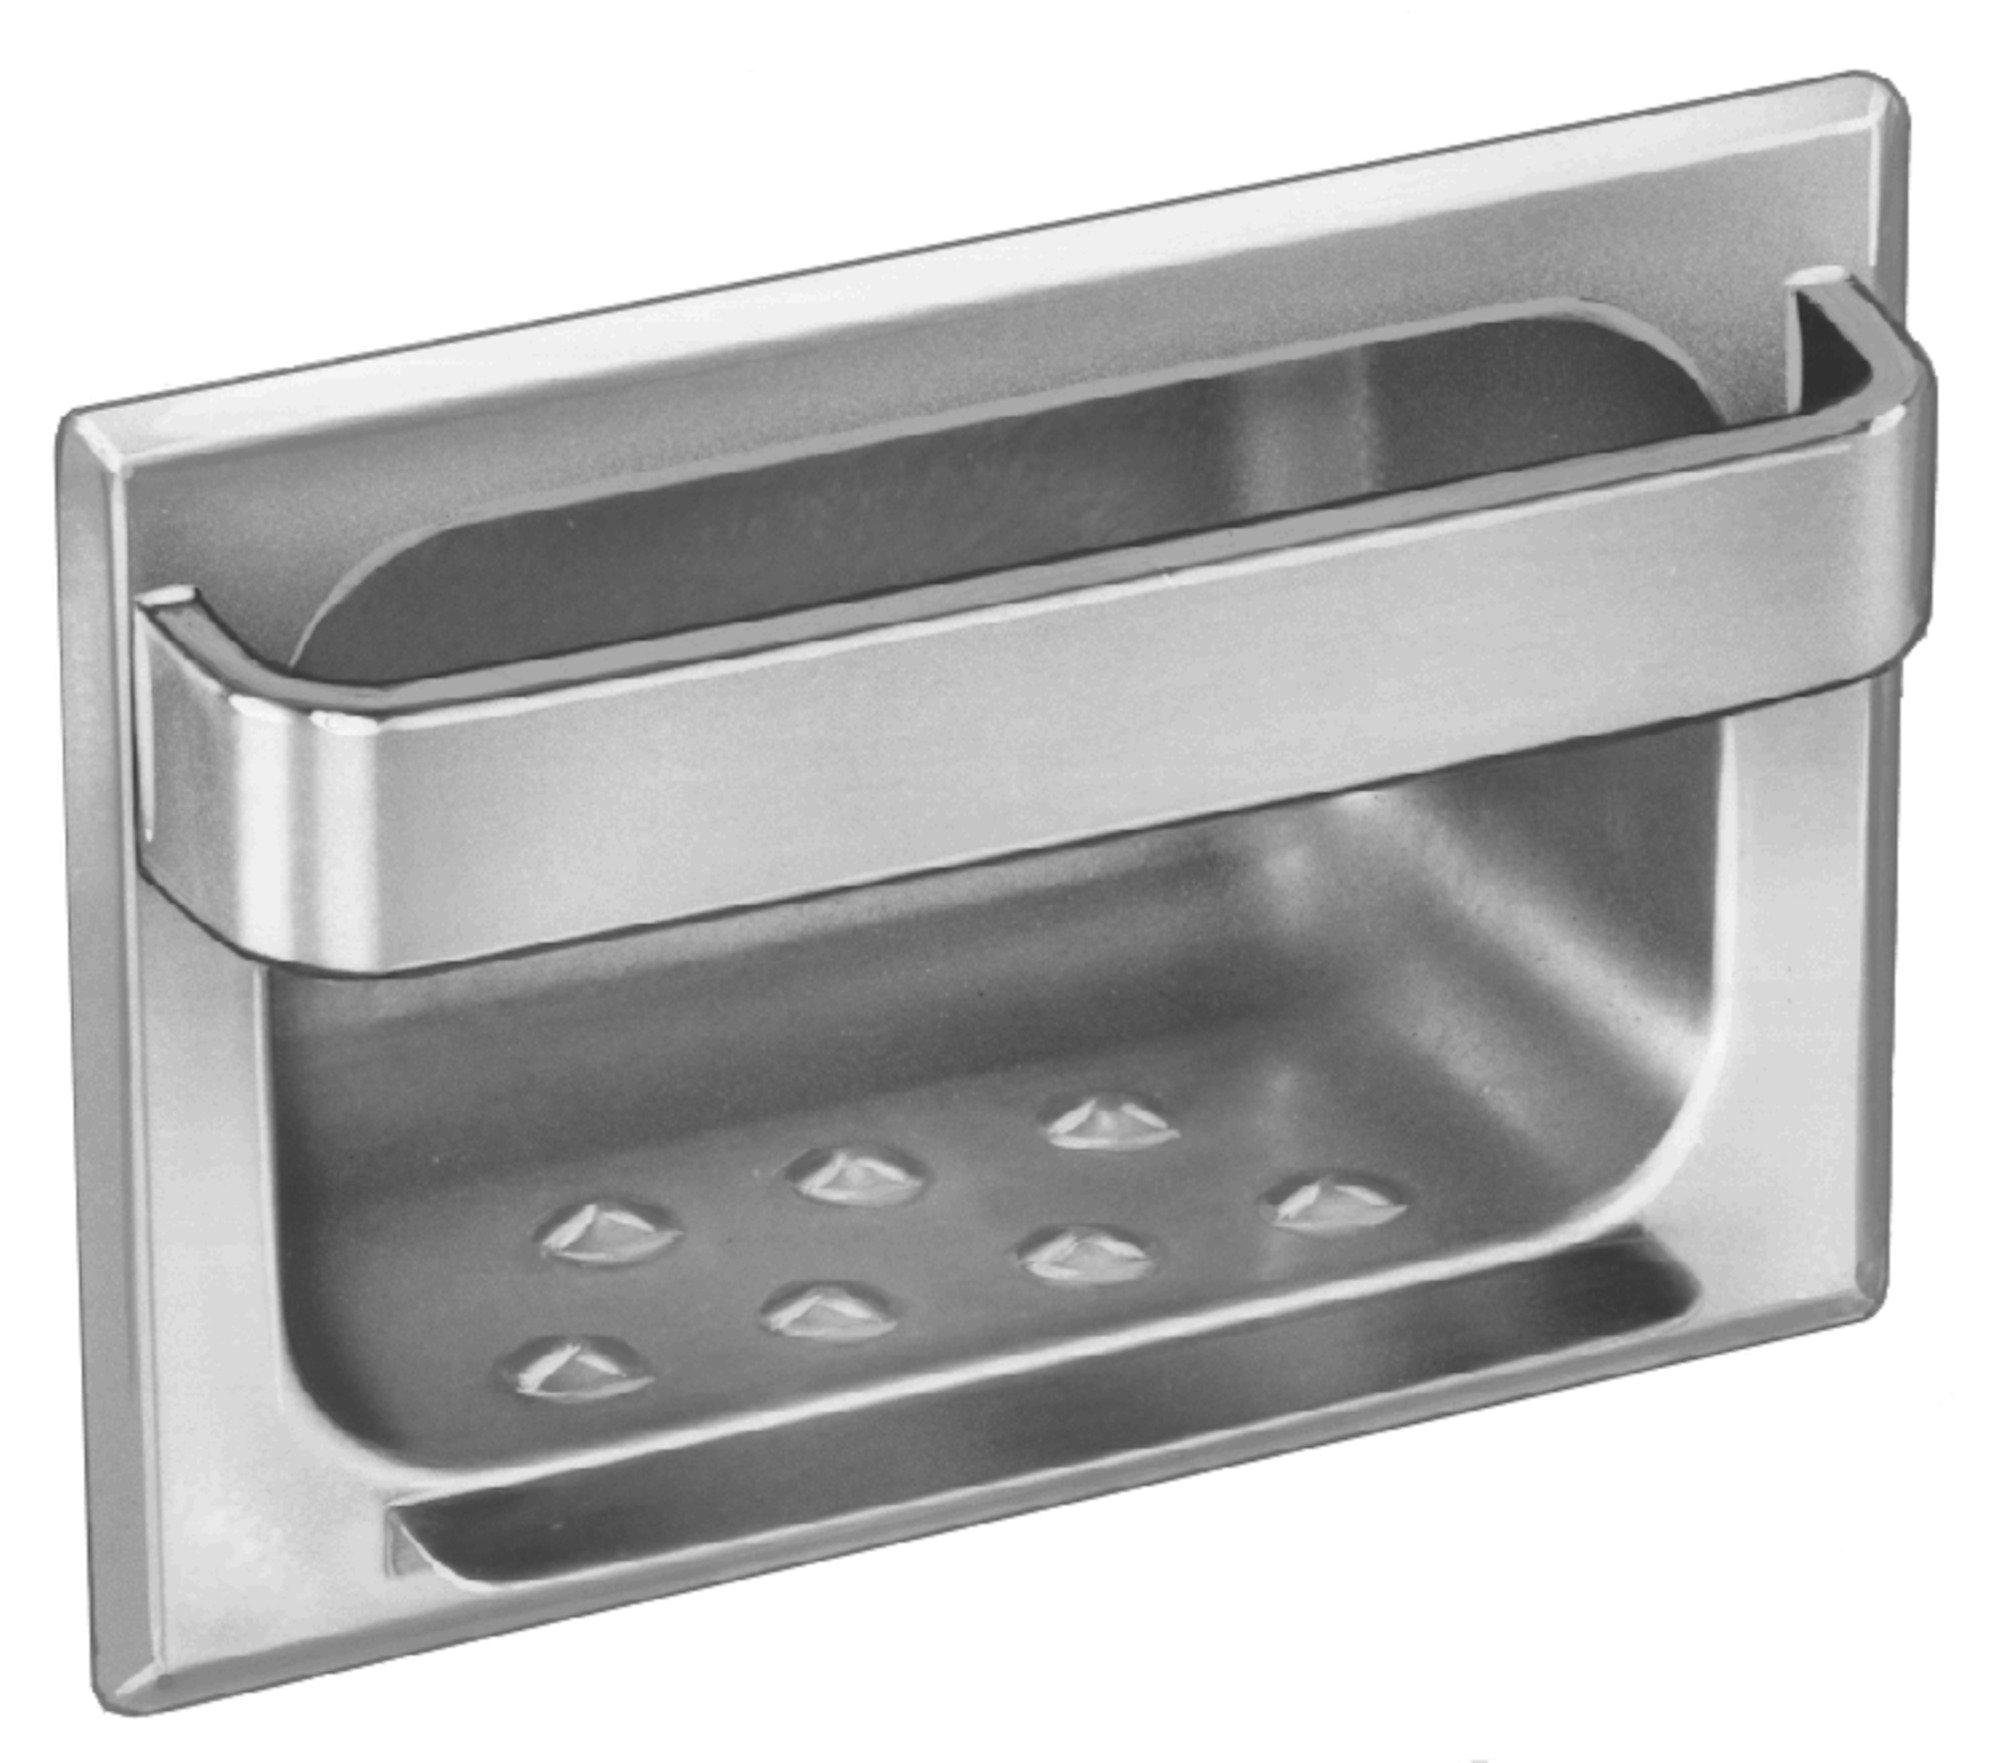 Recessed Soap Dish 9402 | Accurate Door & Hardware, Inc.